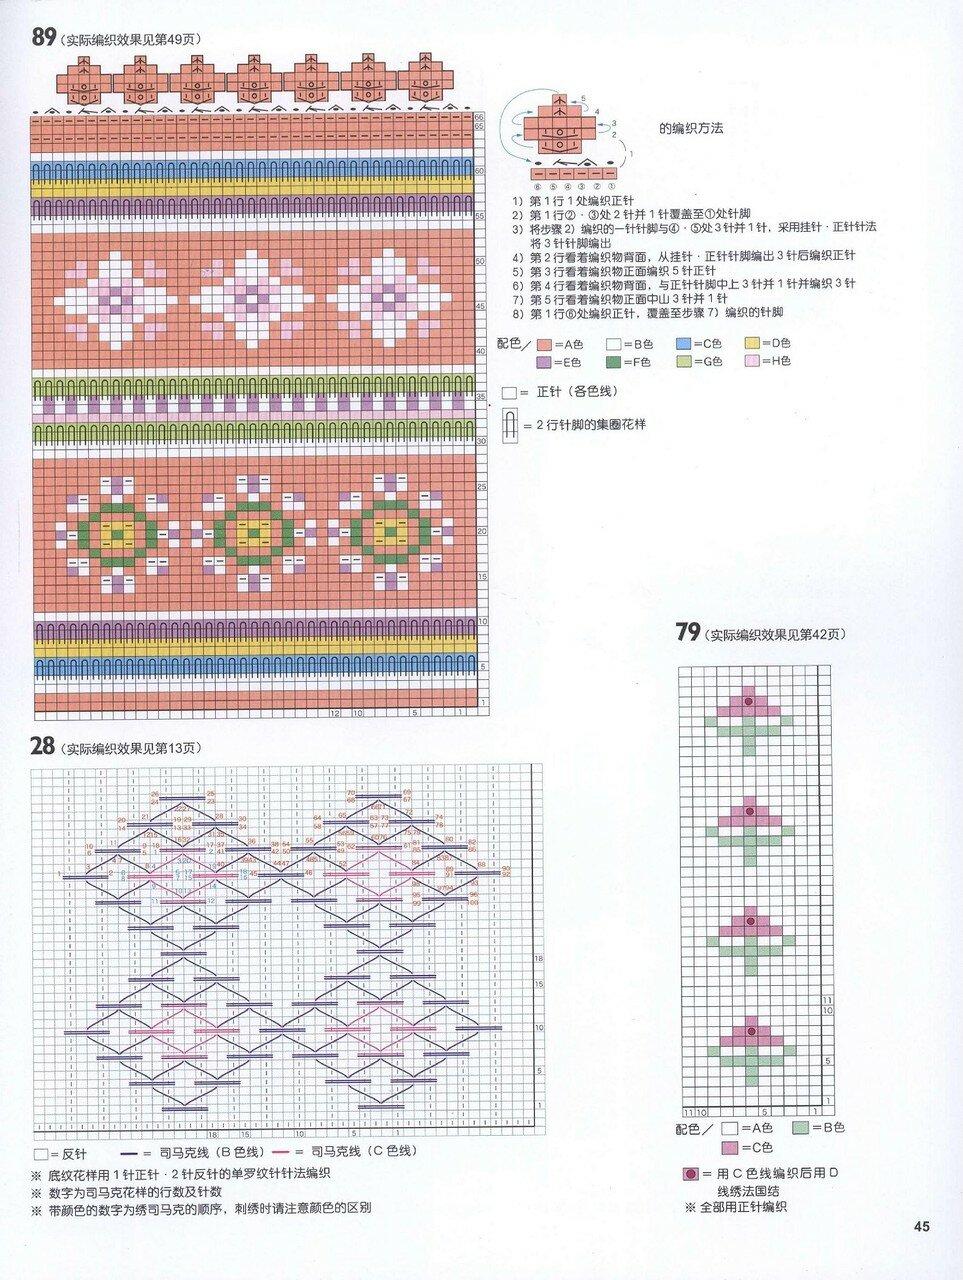 150 Knitting_47.jpg